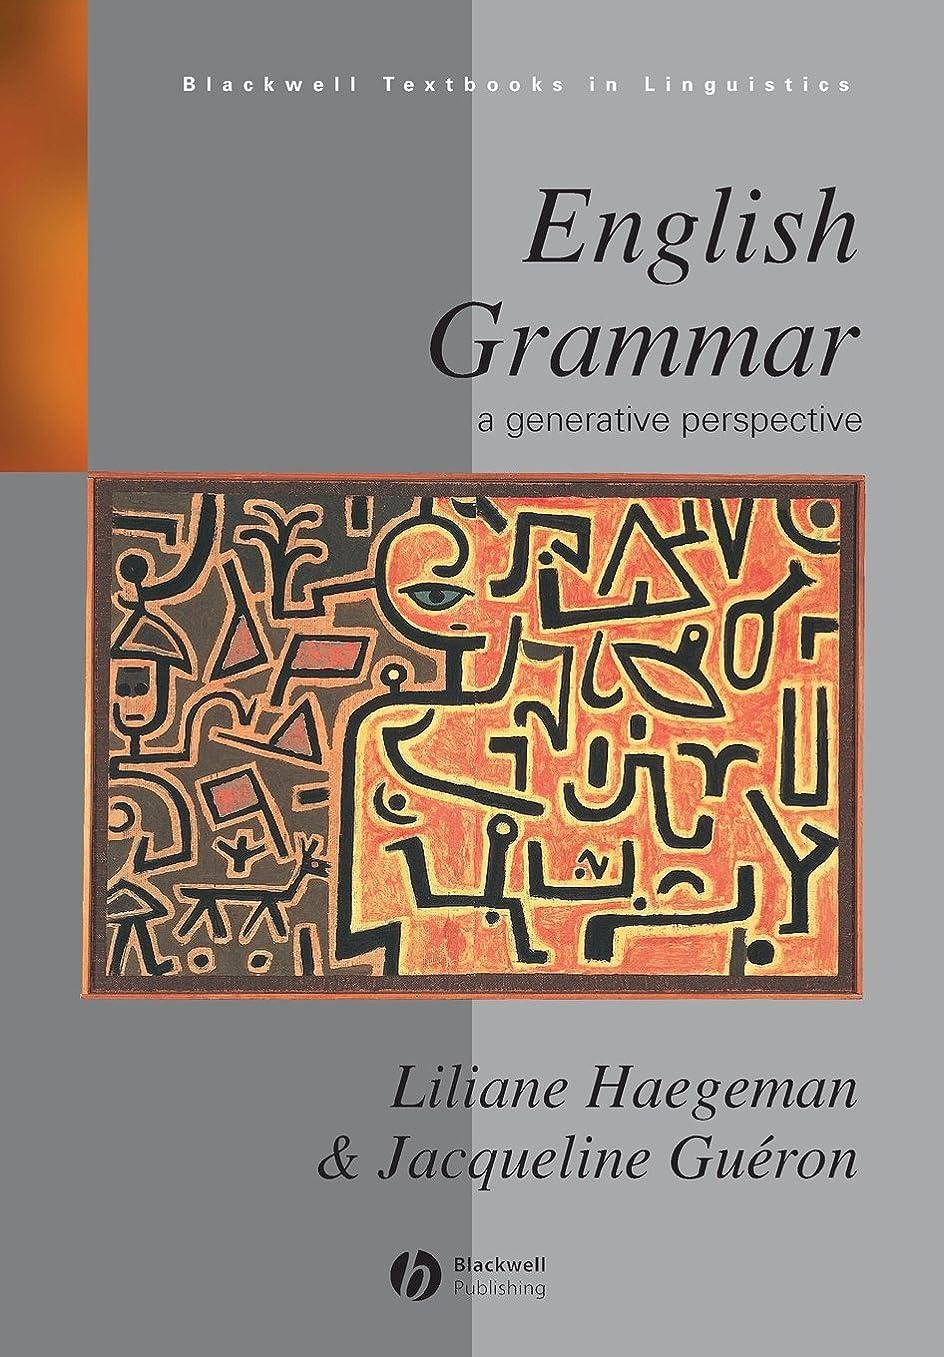 パン圧倒する類似性English Grammar: A Generative Perspective (Blackwell Textbooks in Linguistics)